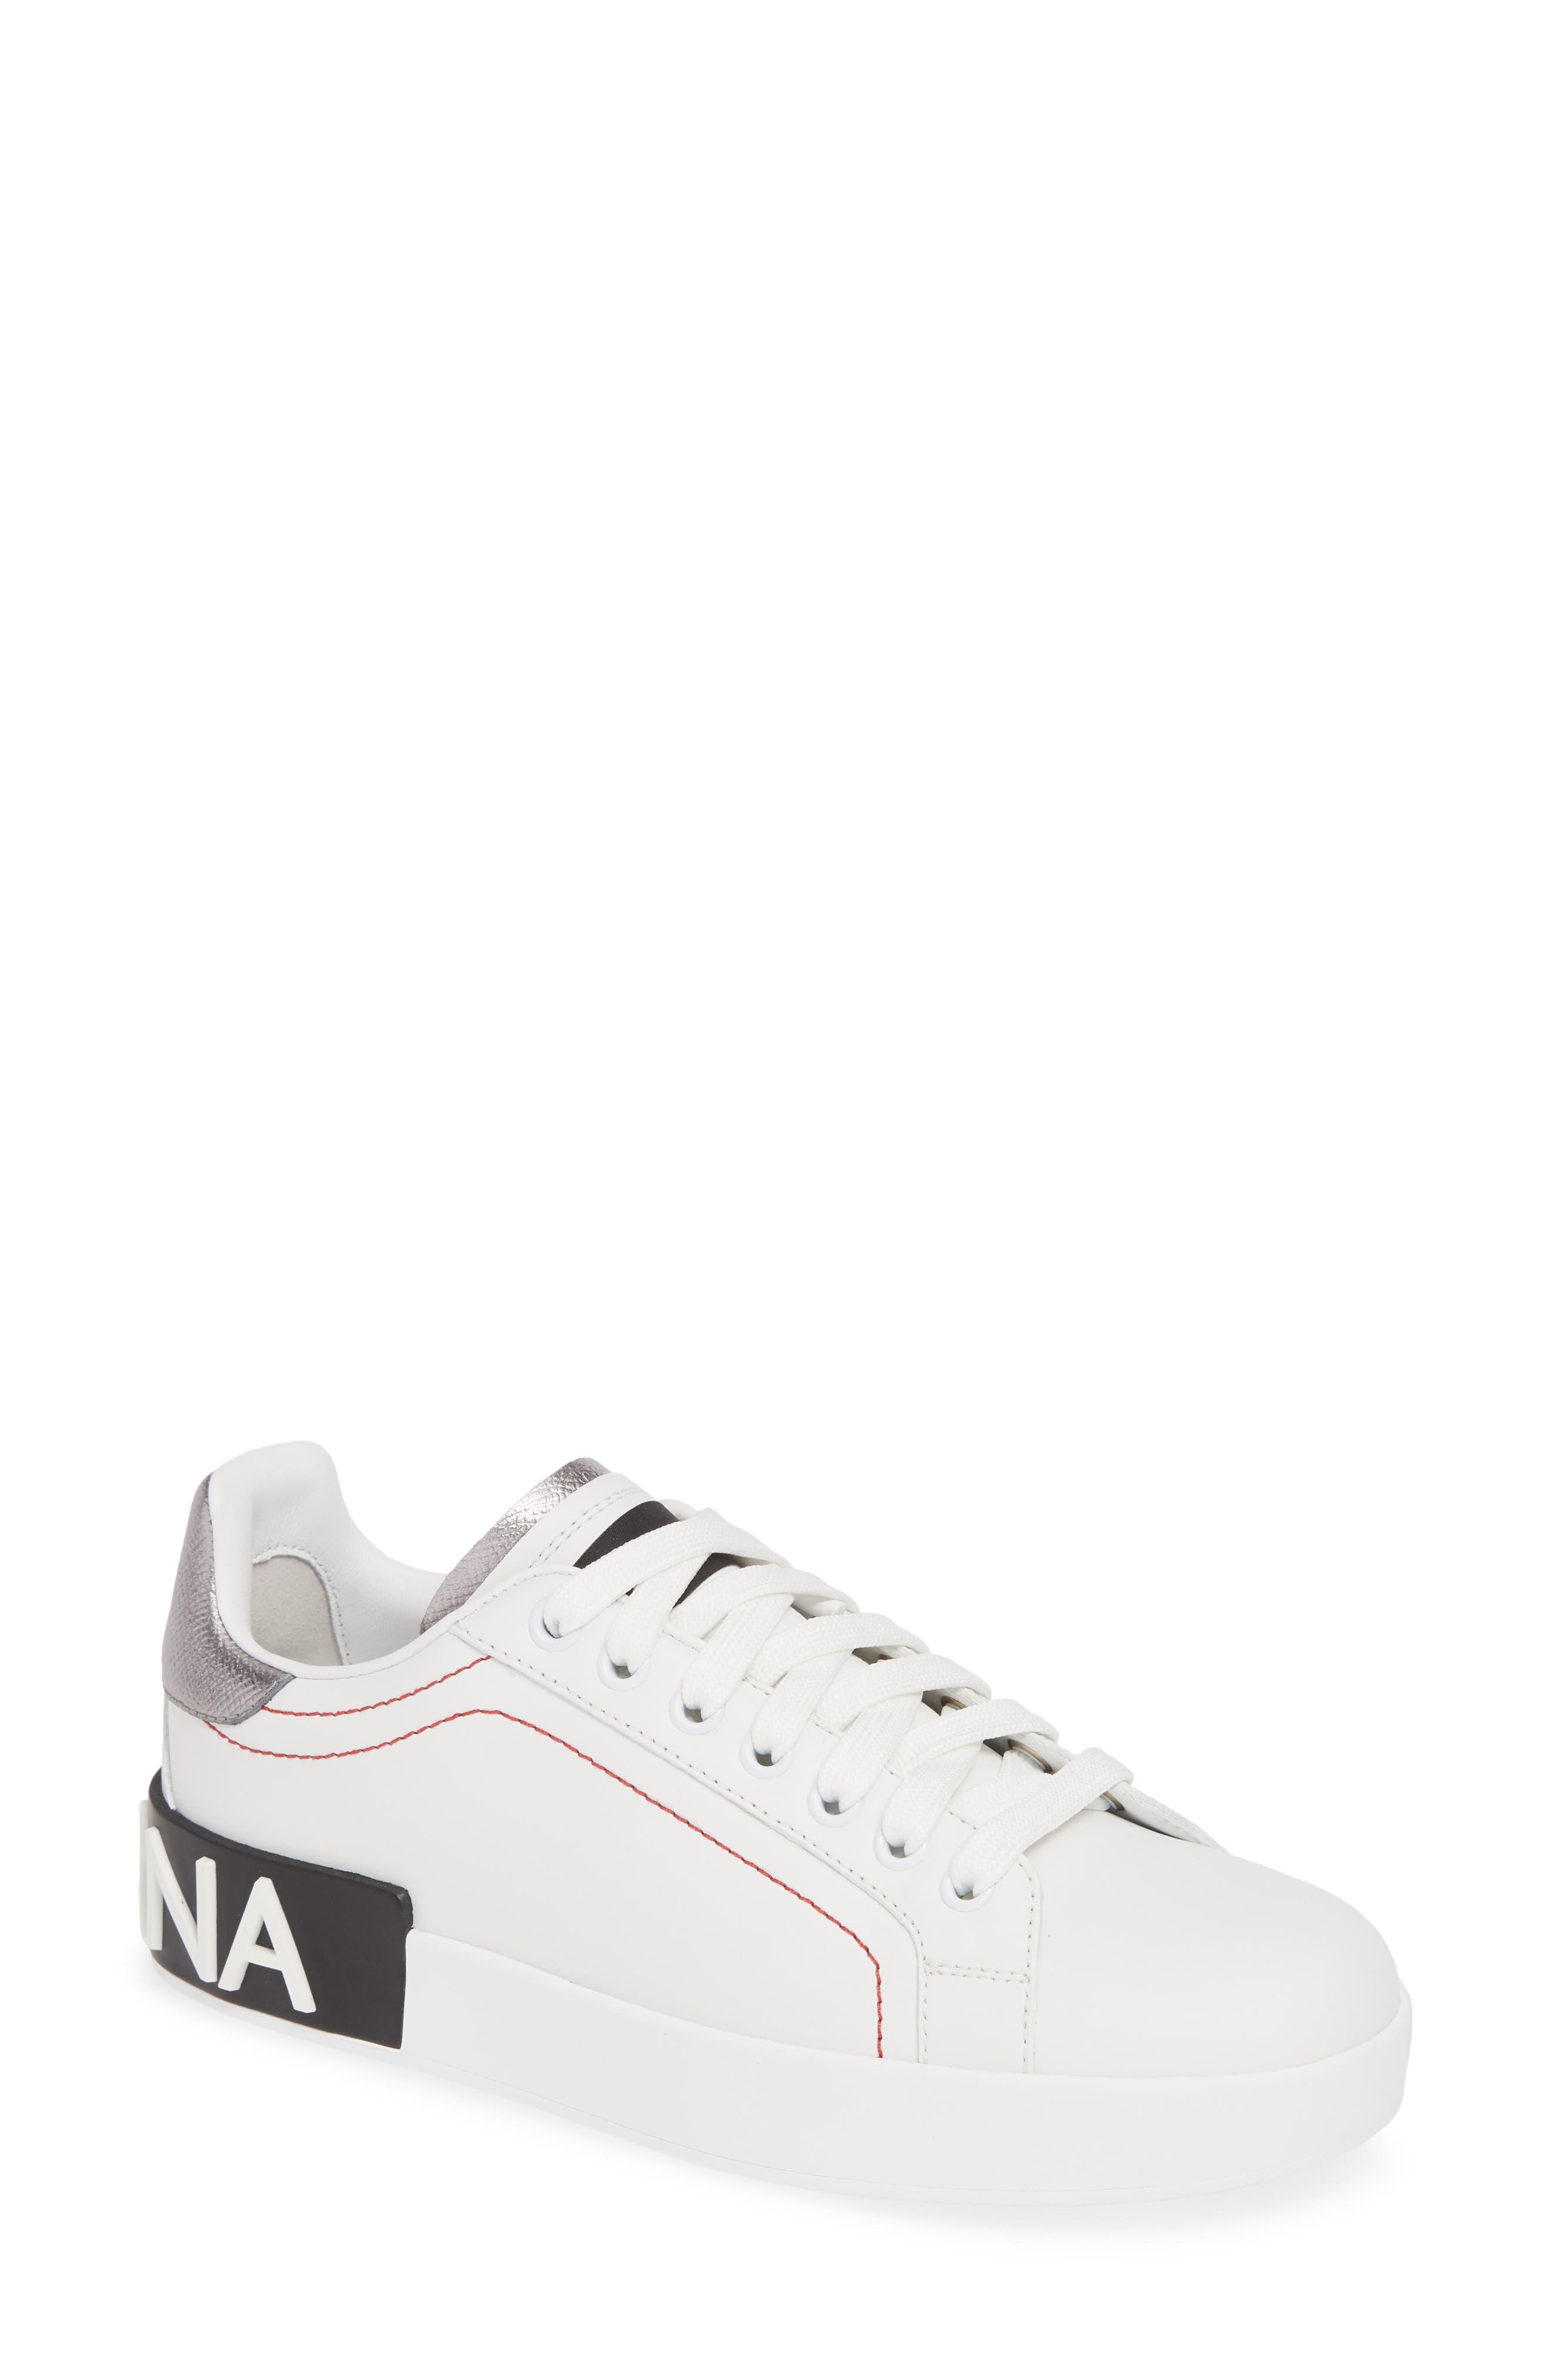 Dolce & gabbana Portofino Sneaker - White